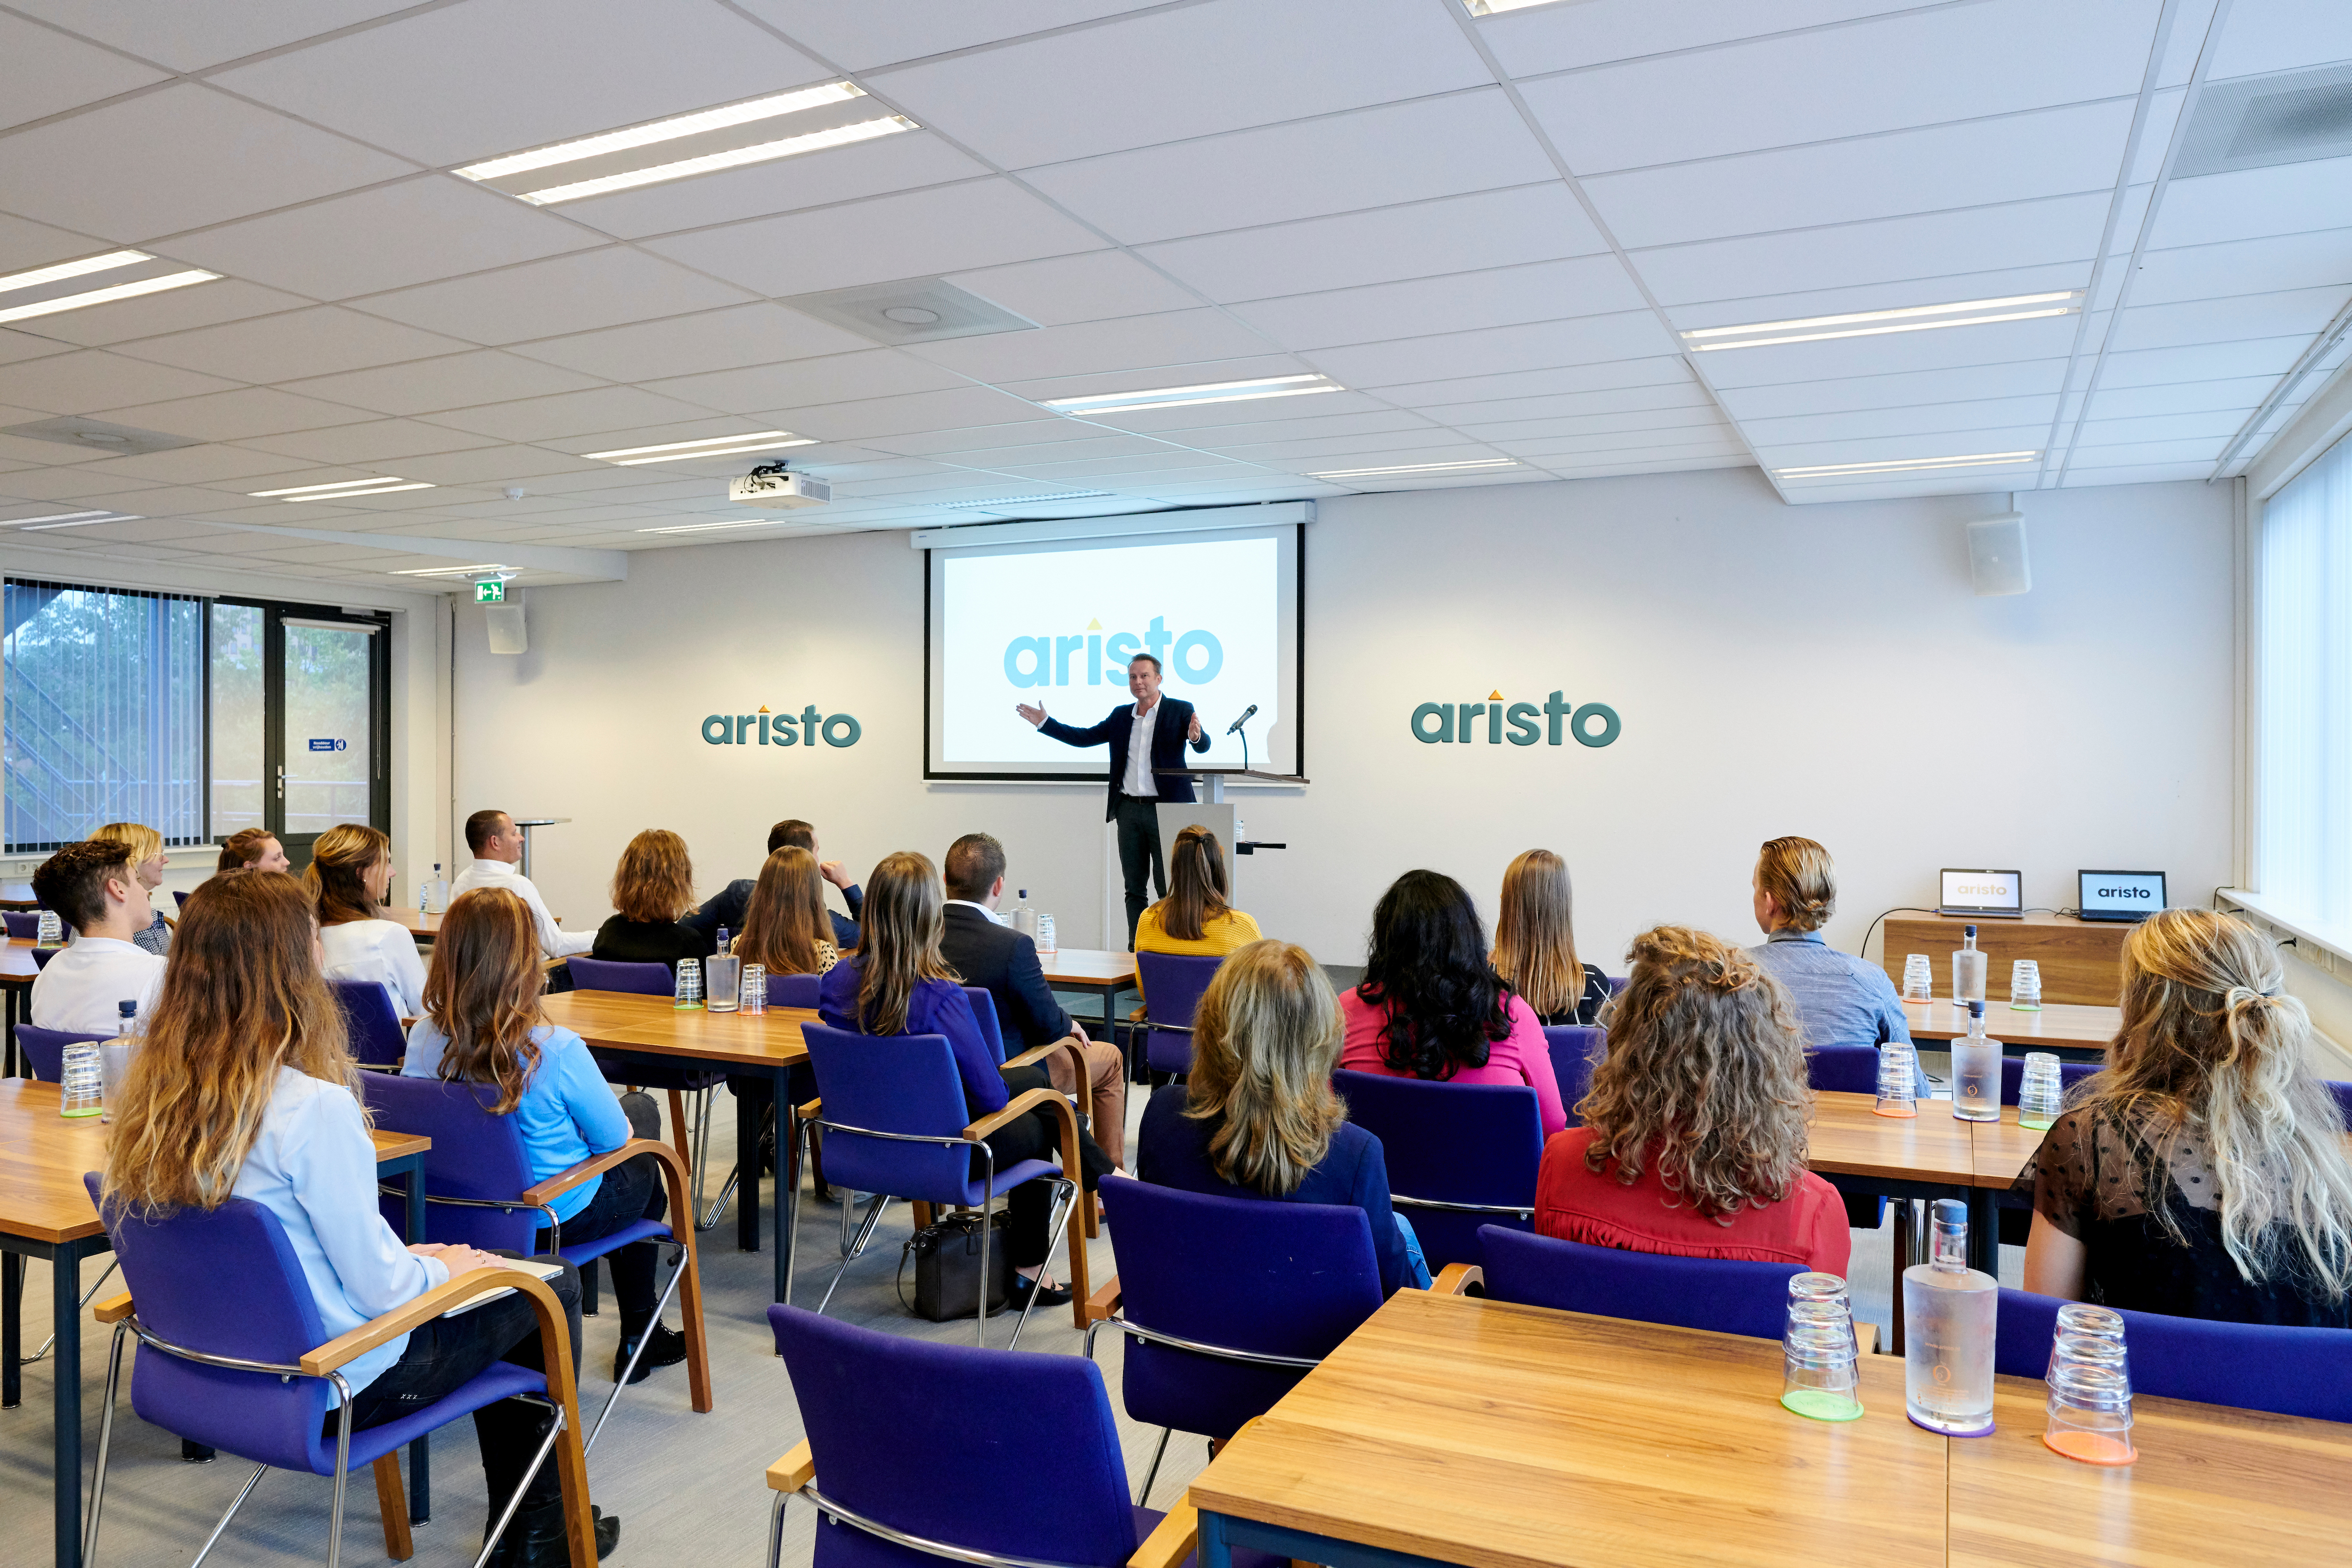 Aristo Conferentie